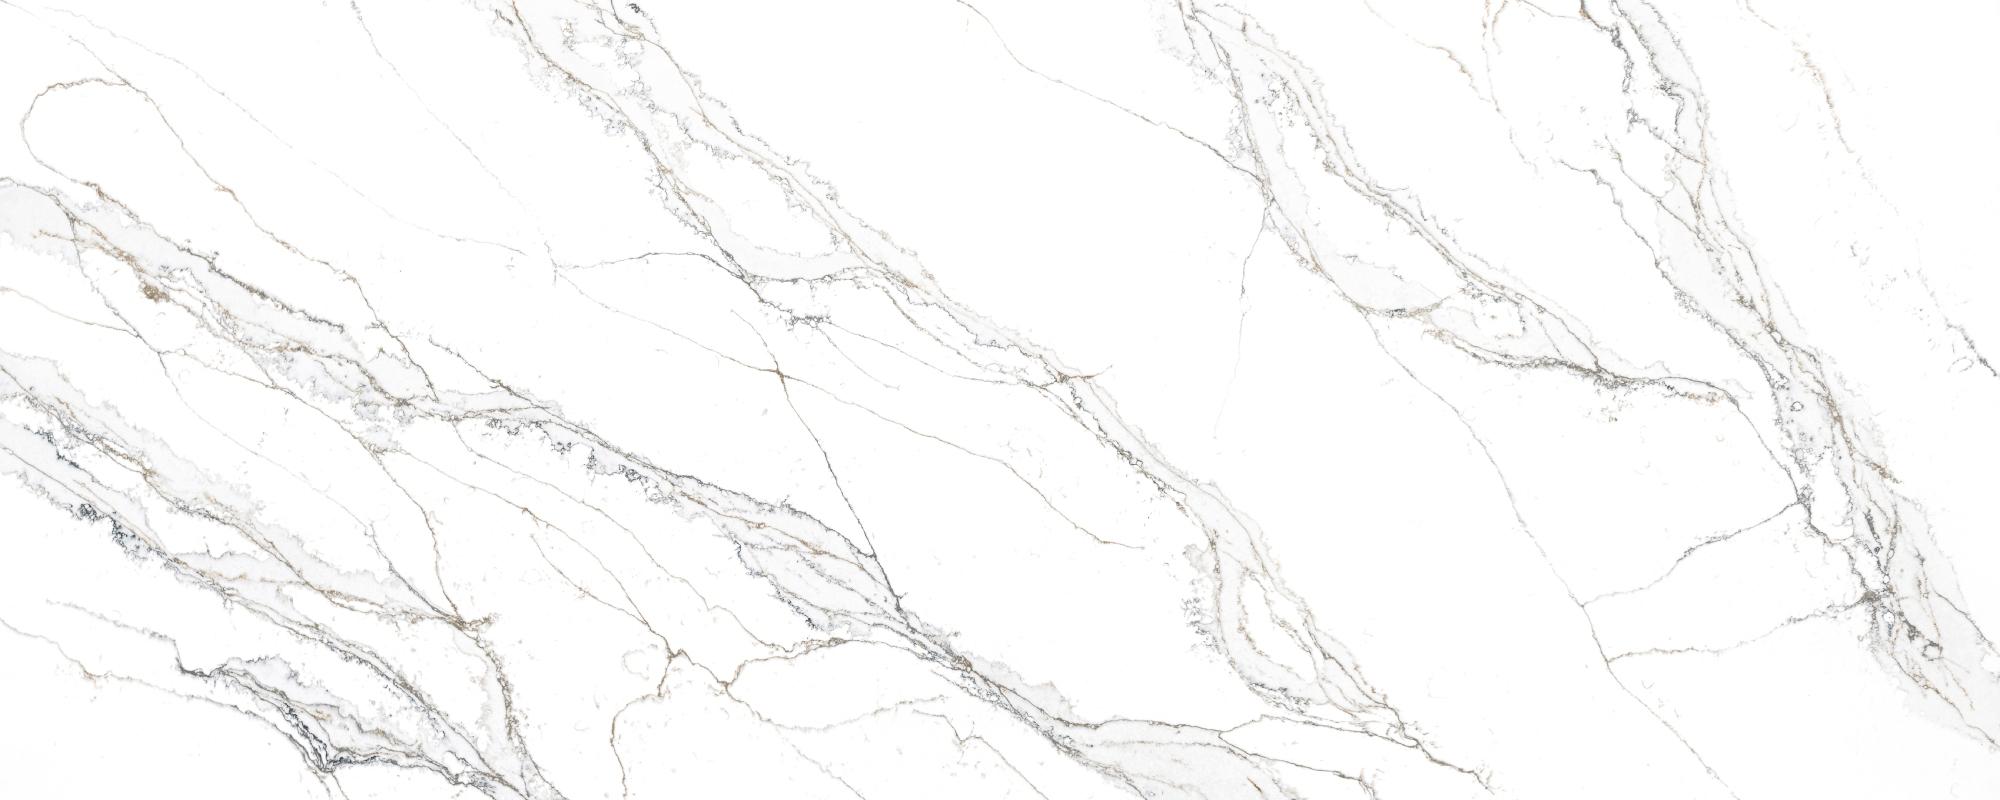 Unique Calacatta Macchia Vecchia Quartz Texture